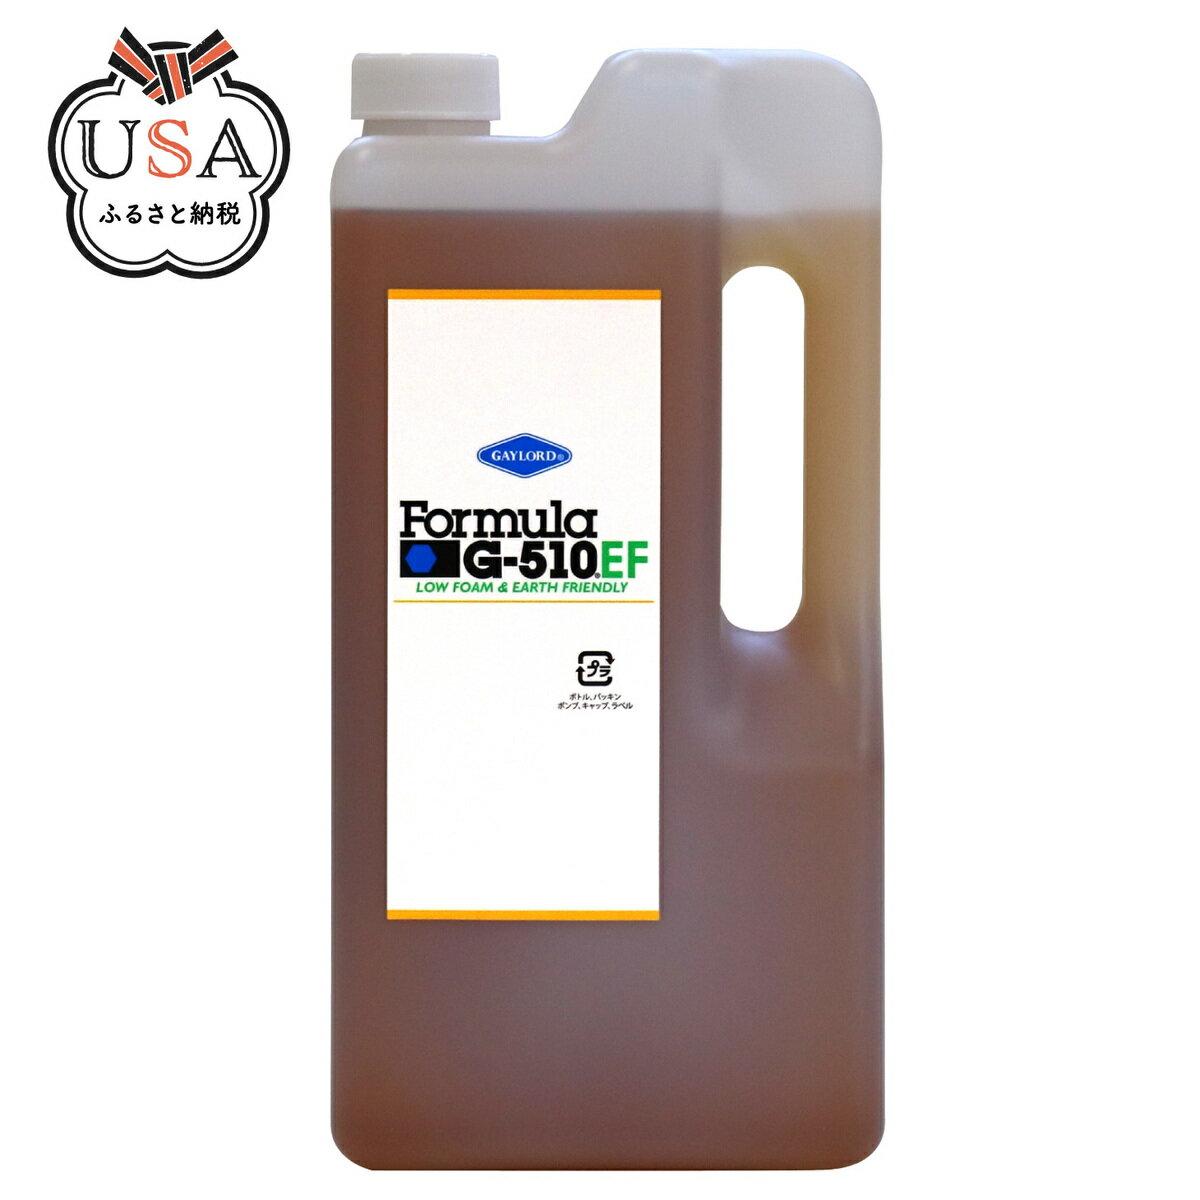 【ふるさと納税】Formula G-510EF 濃縮原液 2L 多目的洗剤 強力マルチクリーナー 1本 送料無料